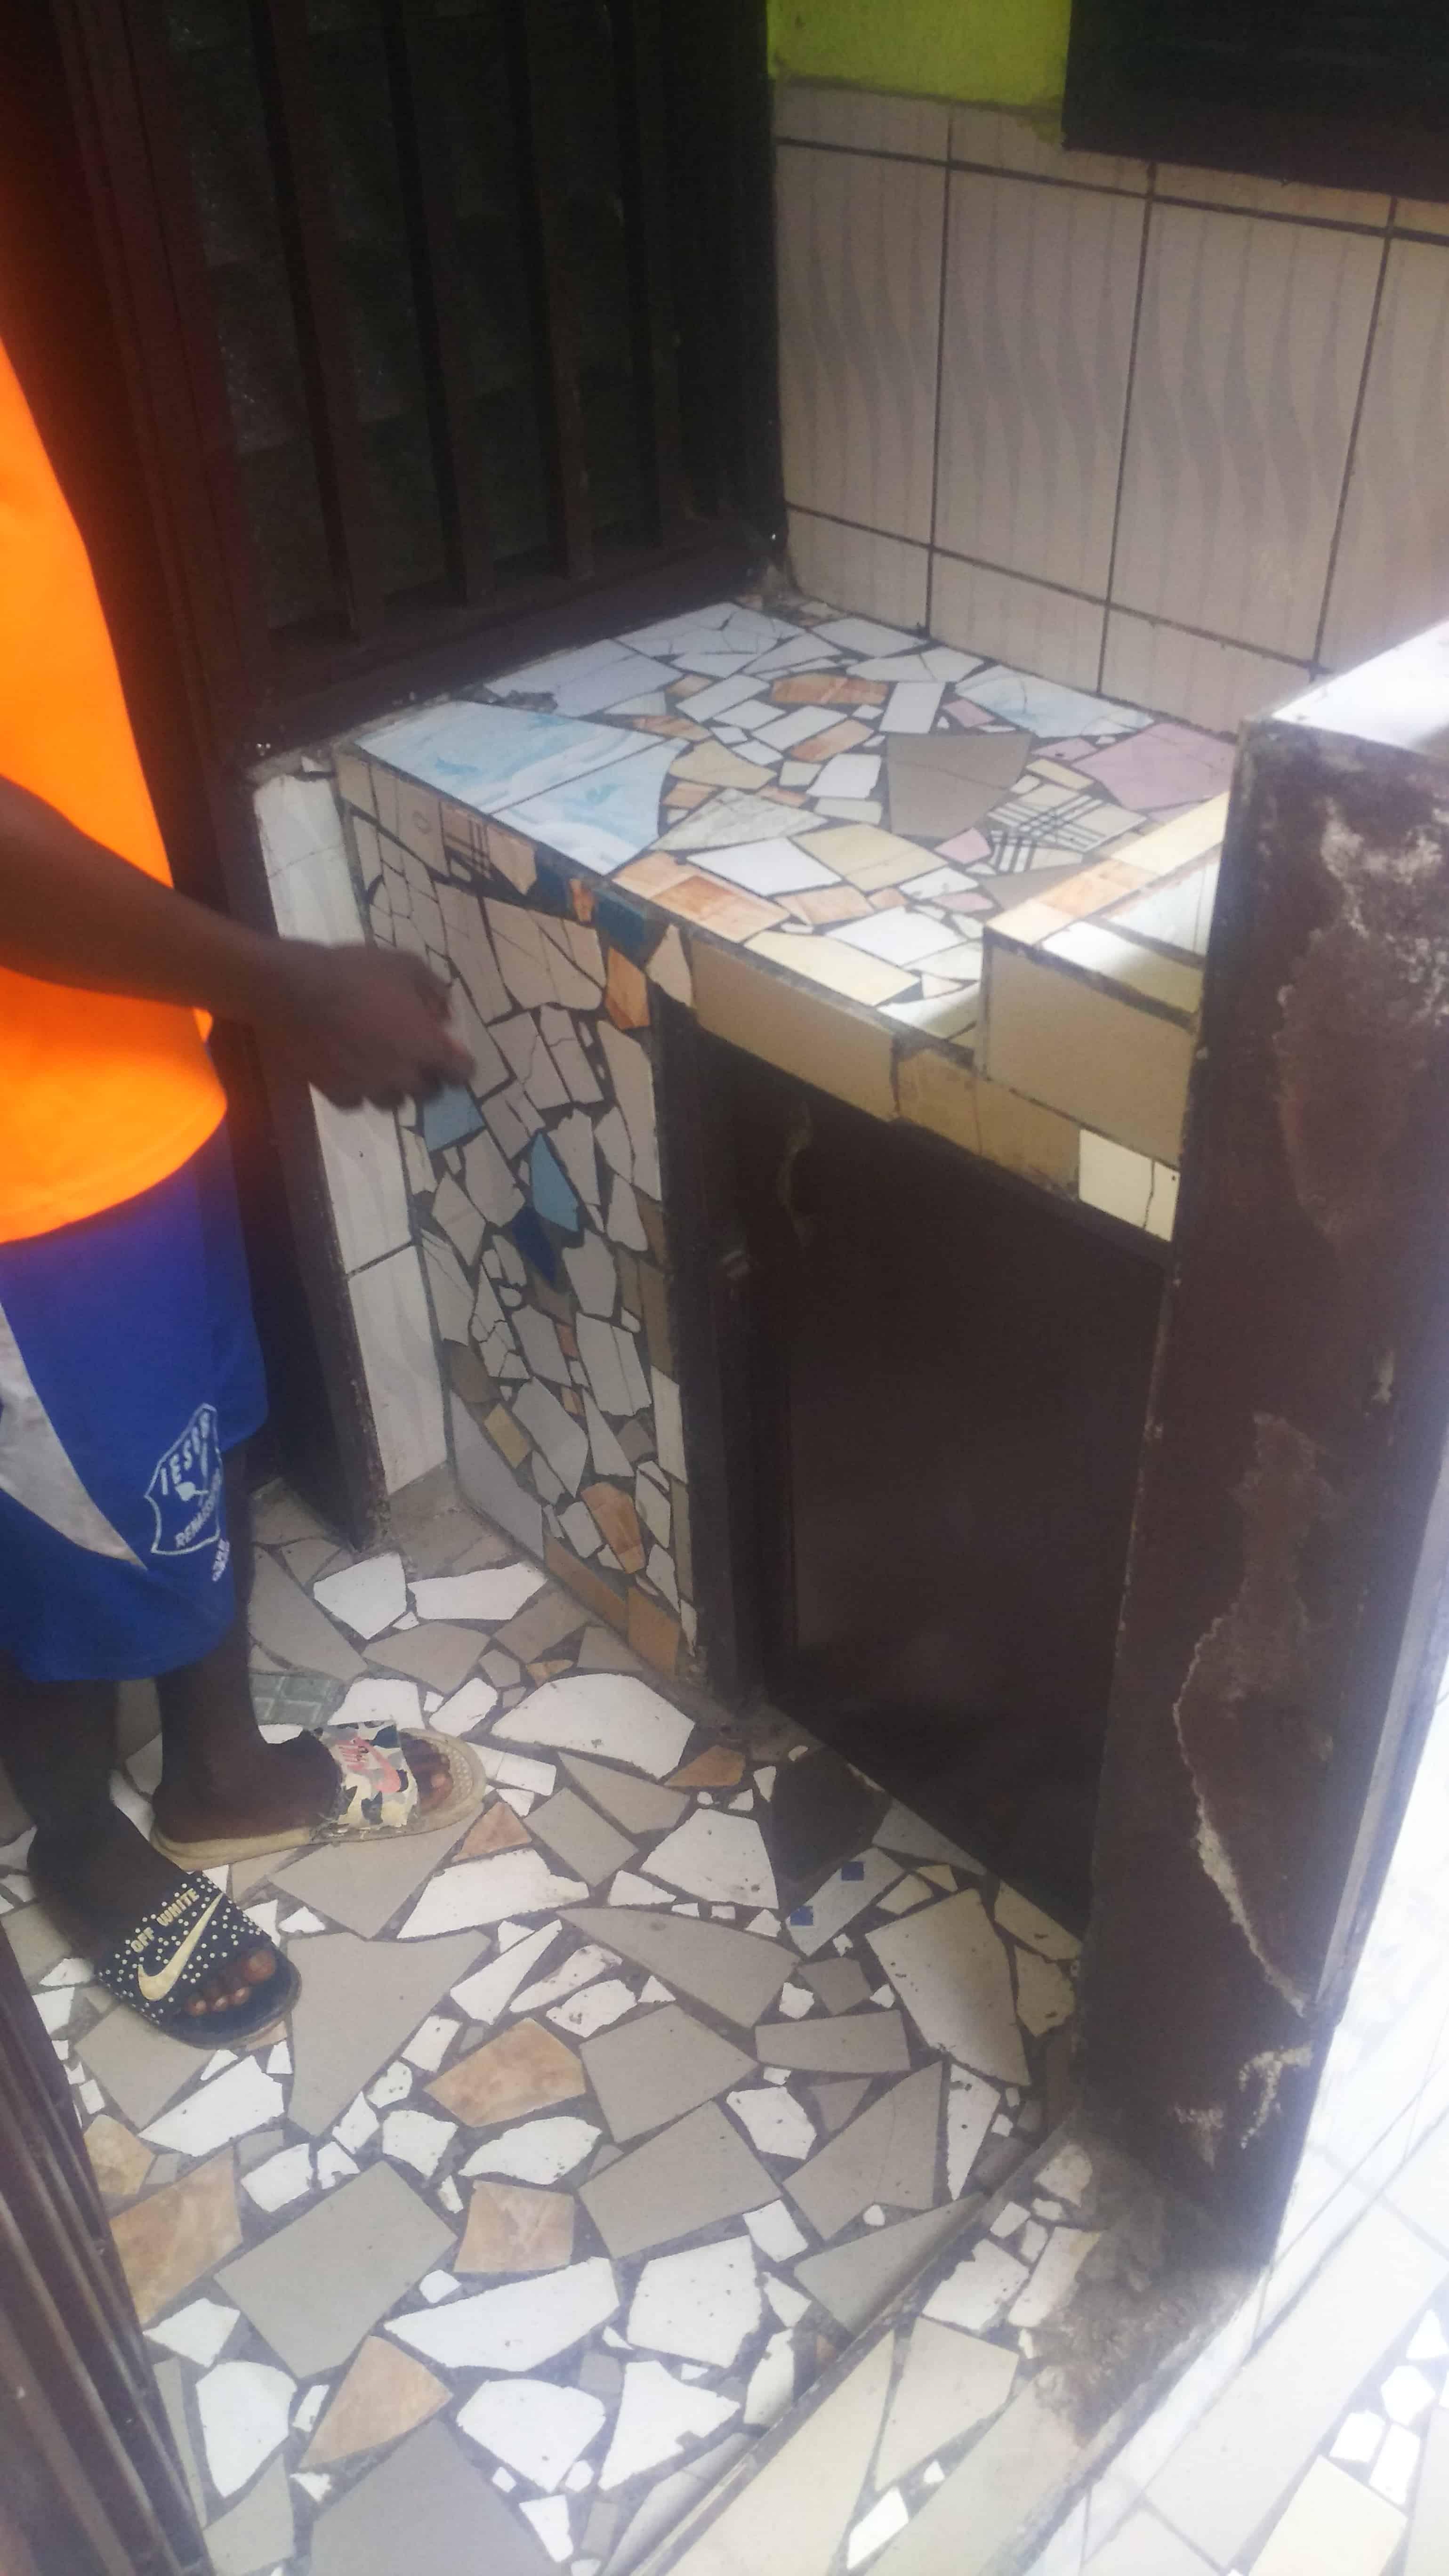 Studio to rent - Douala, Cité SIC, Ange Raphaël, sic cacao - 35 000 FCFA / month